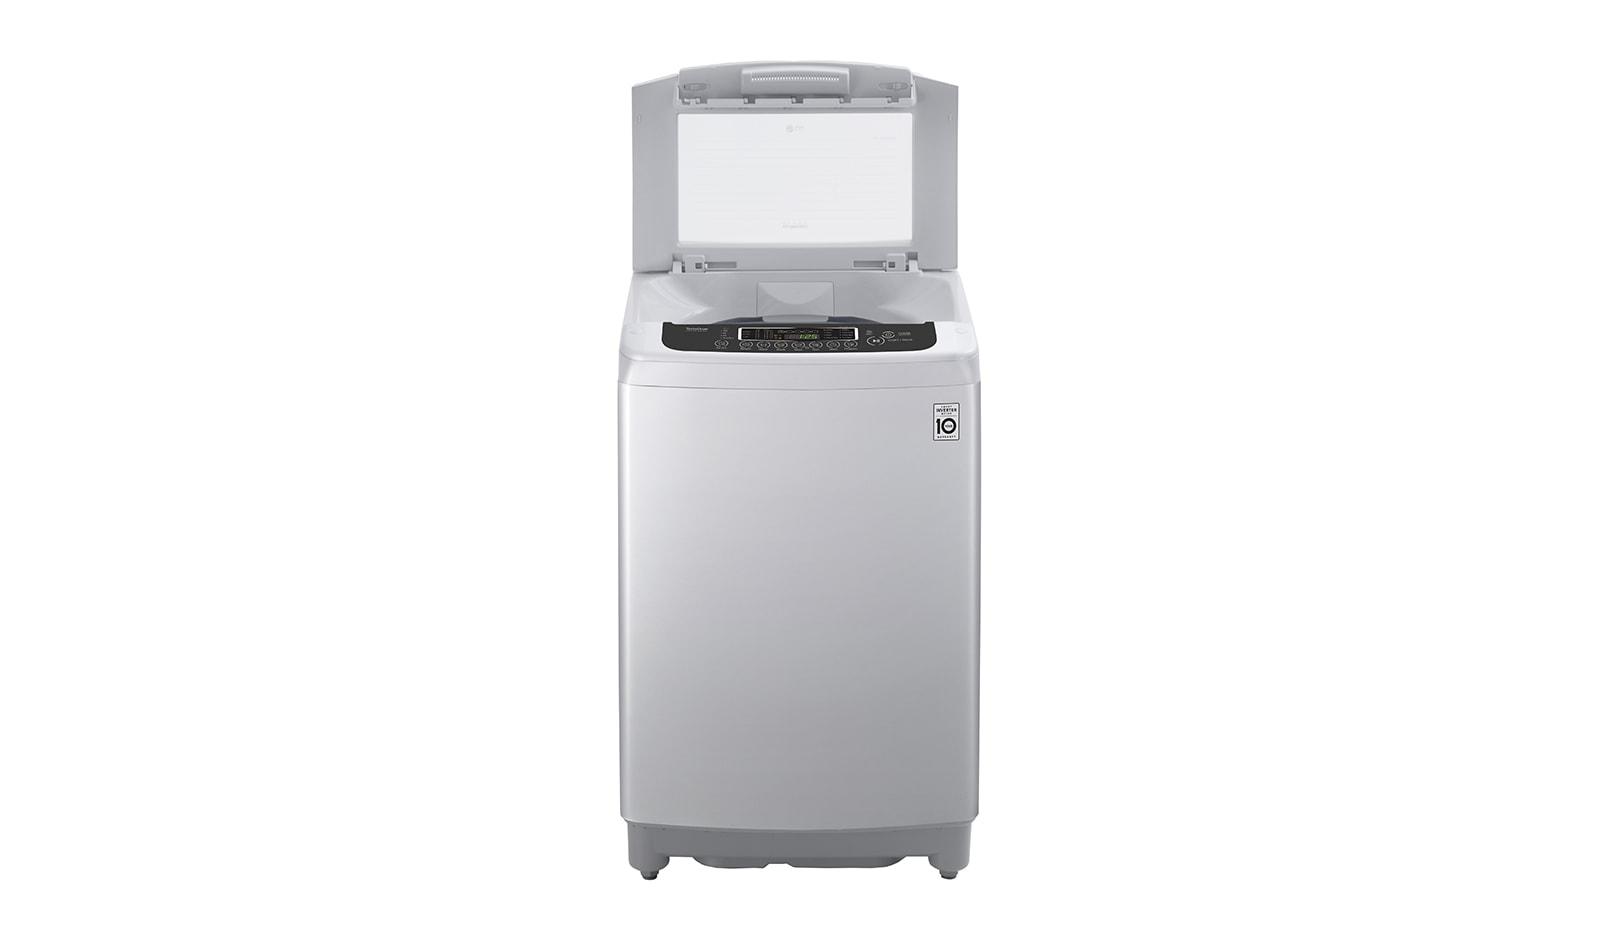 LG Máy giặt T2108VSPM 6